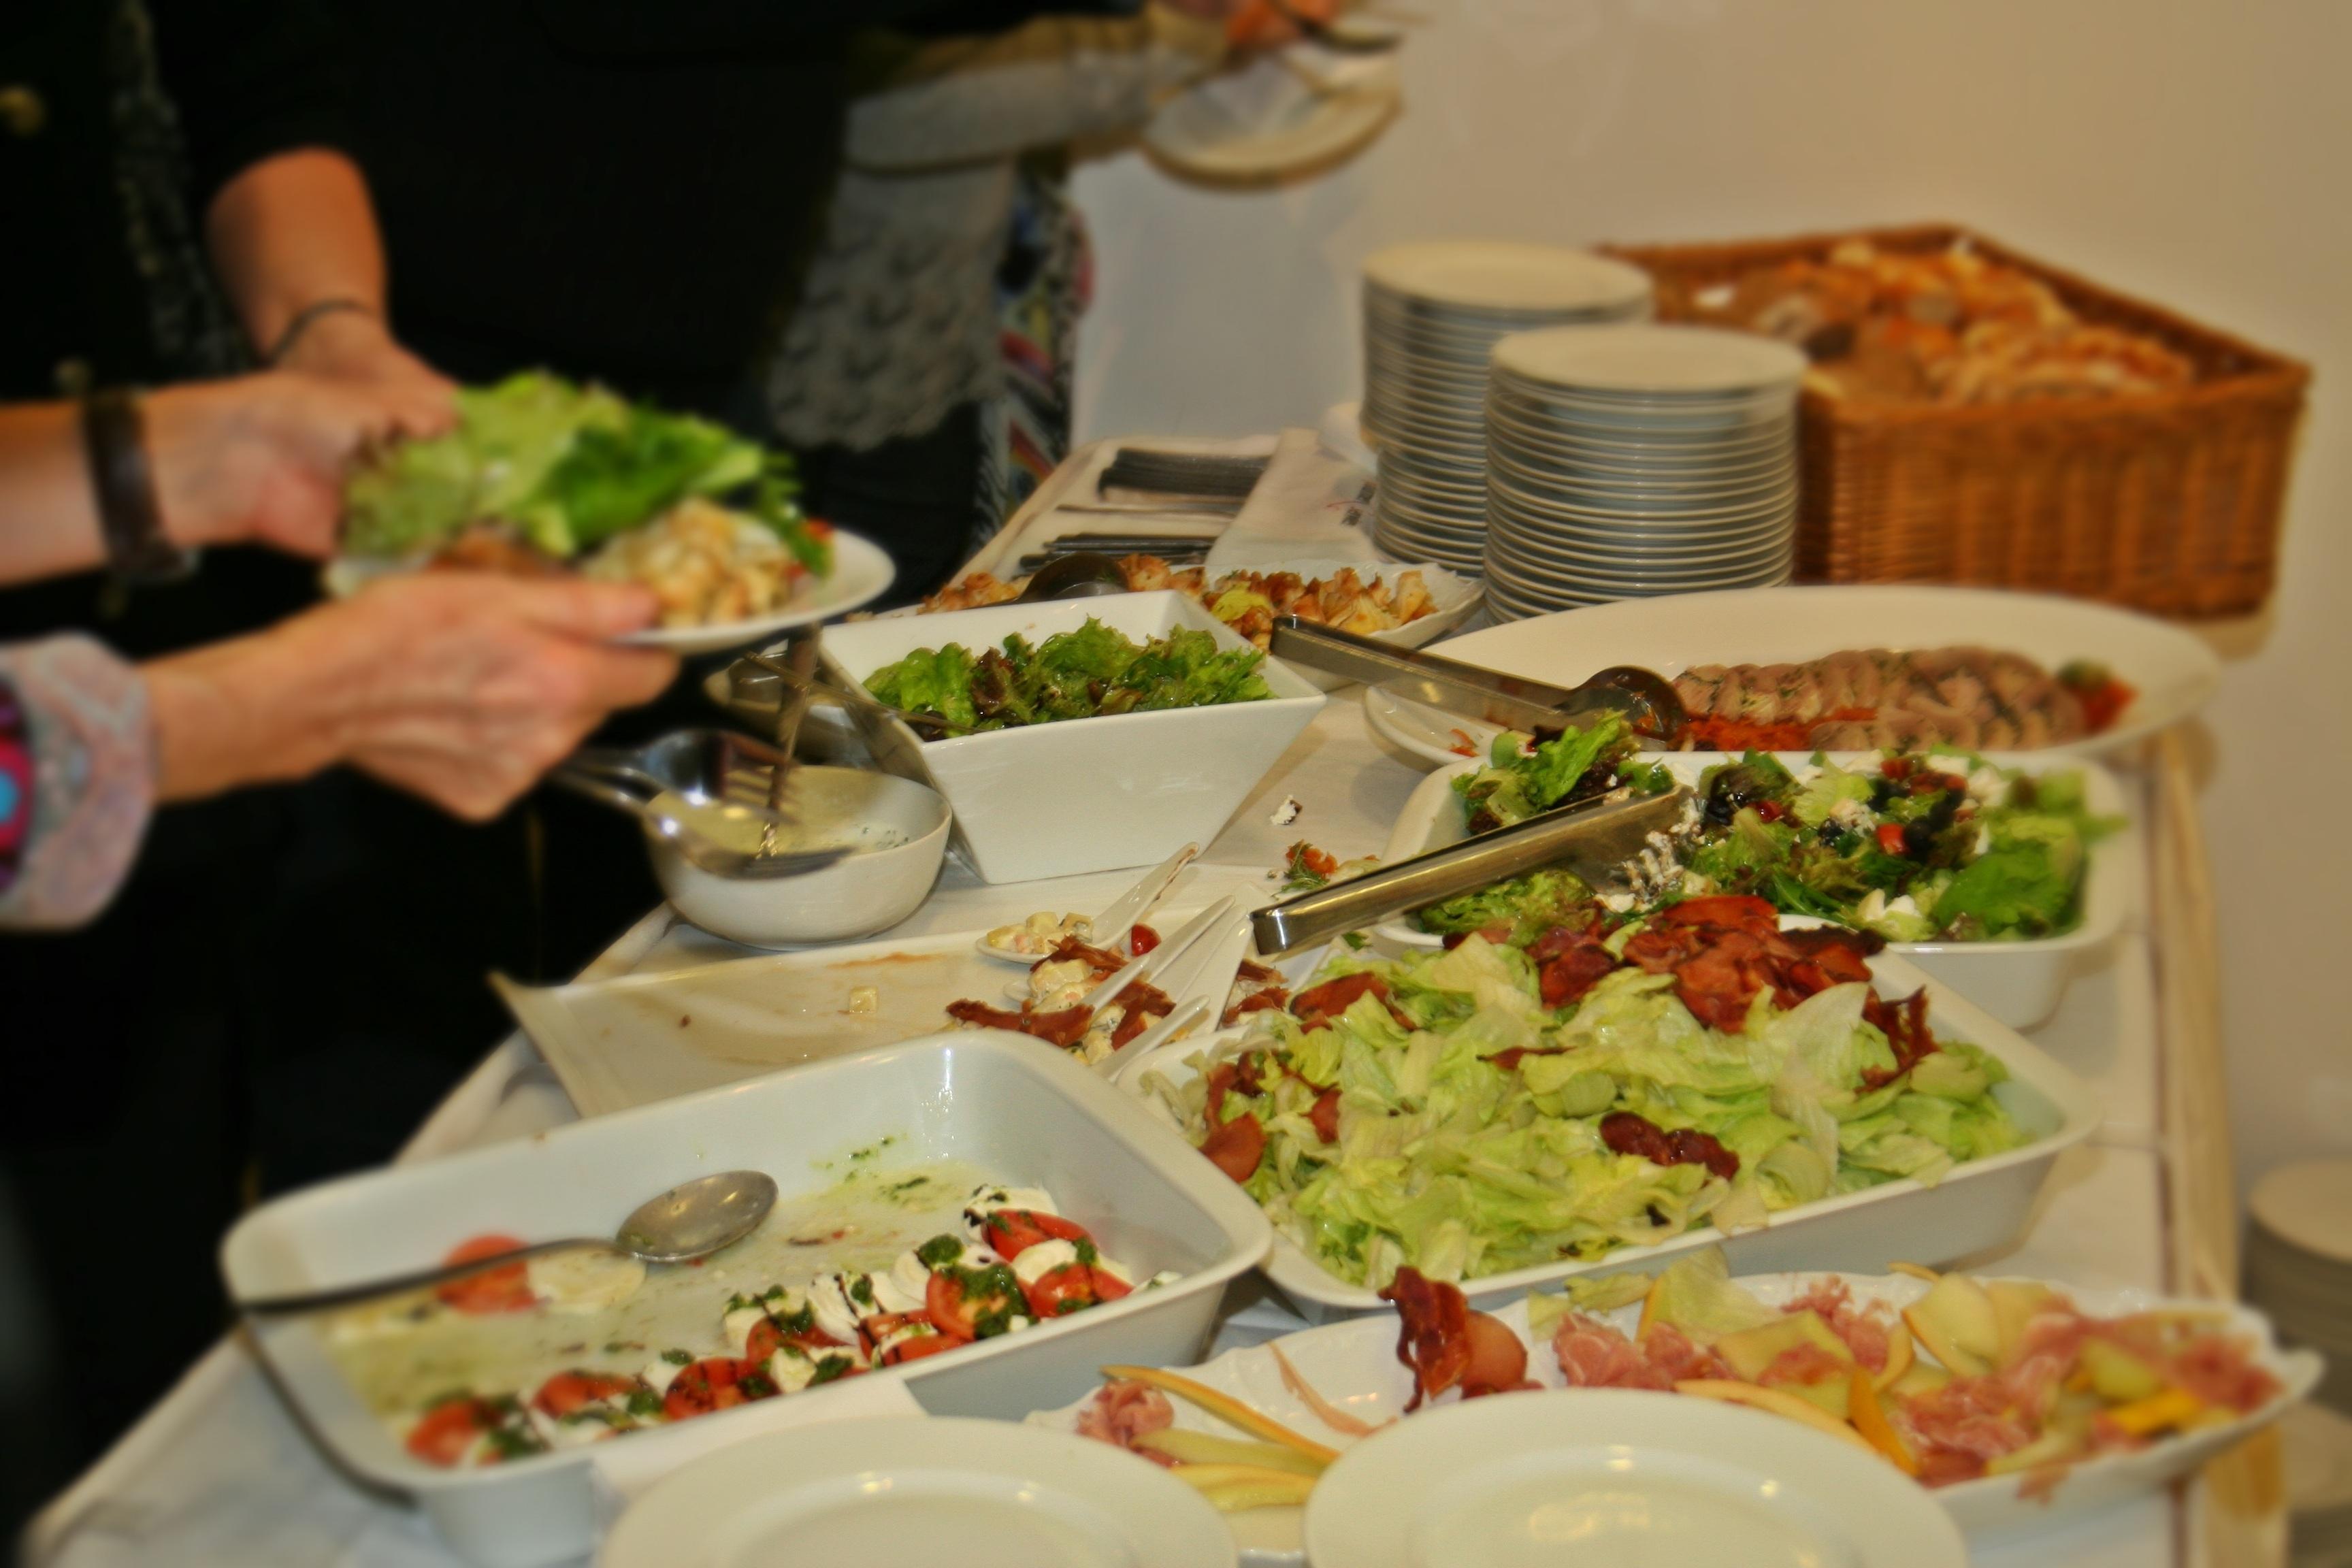 Kostenlose foto : Restaurant, Gericht, Mahlzeit, Lebensmittel ...